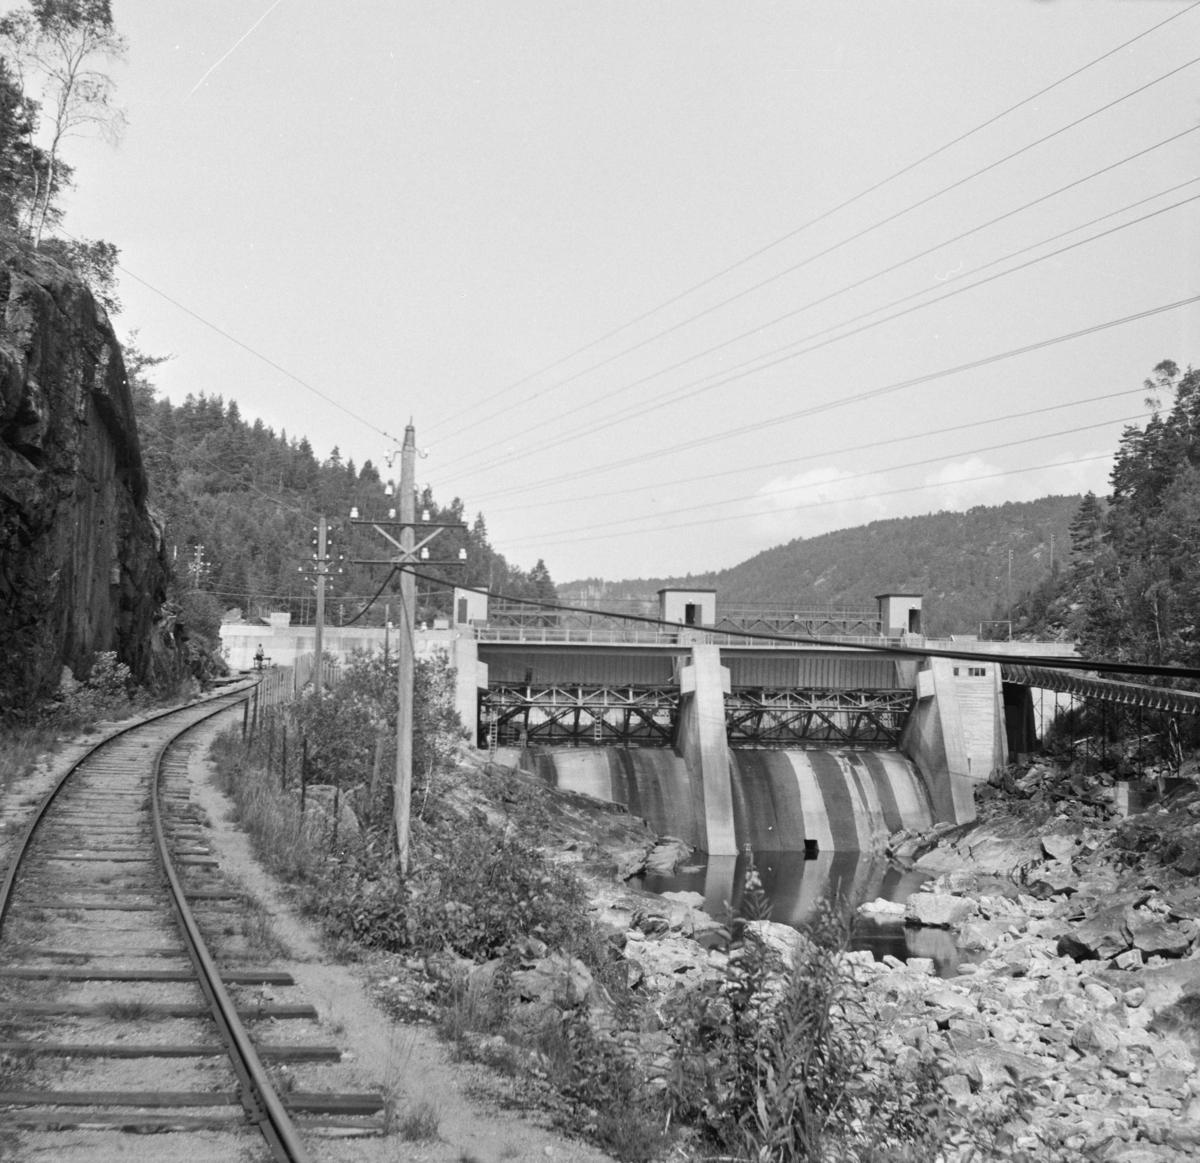 Setesdalsbanen trase ender i Beihølen dam. Traseen videre er satt under vann etter byggingen av dammen.